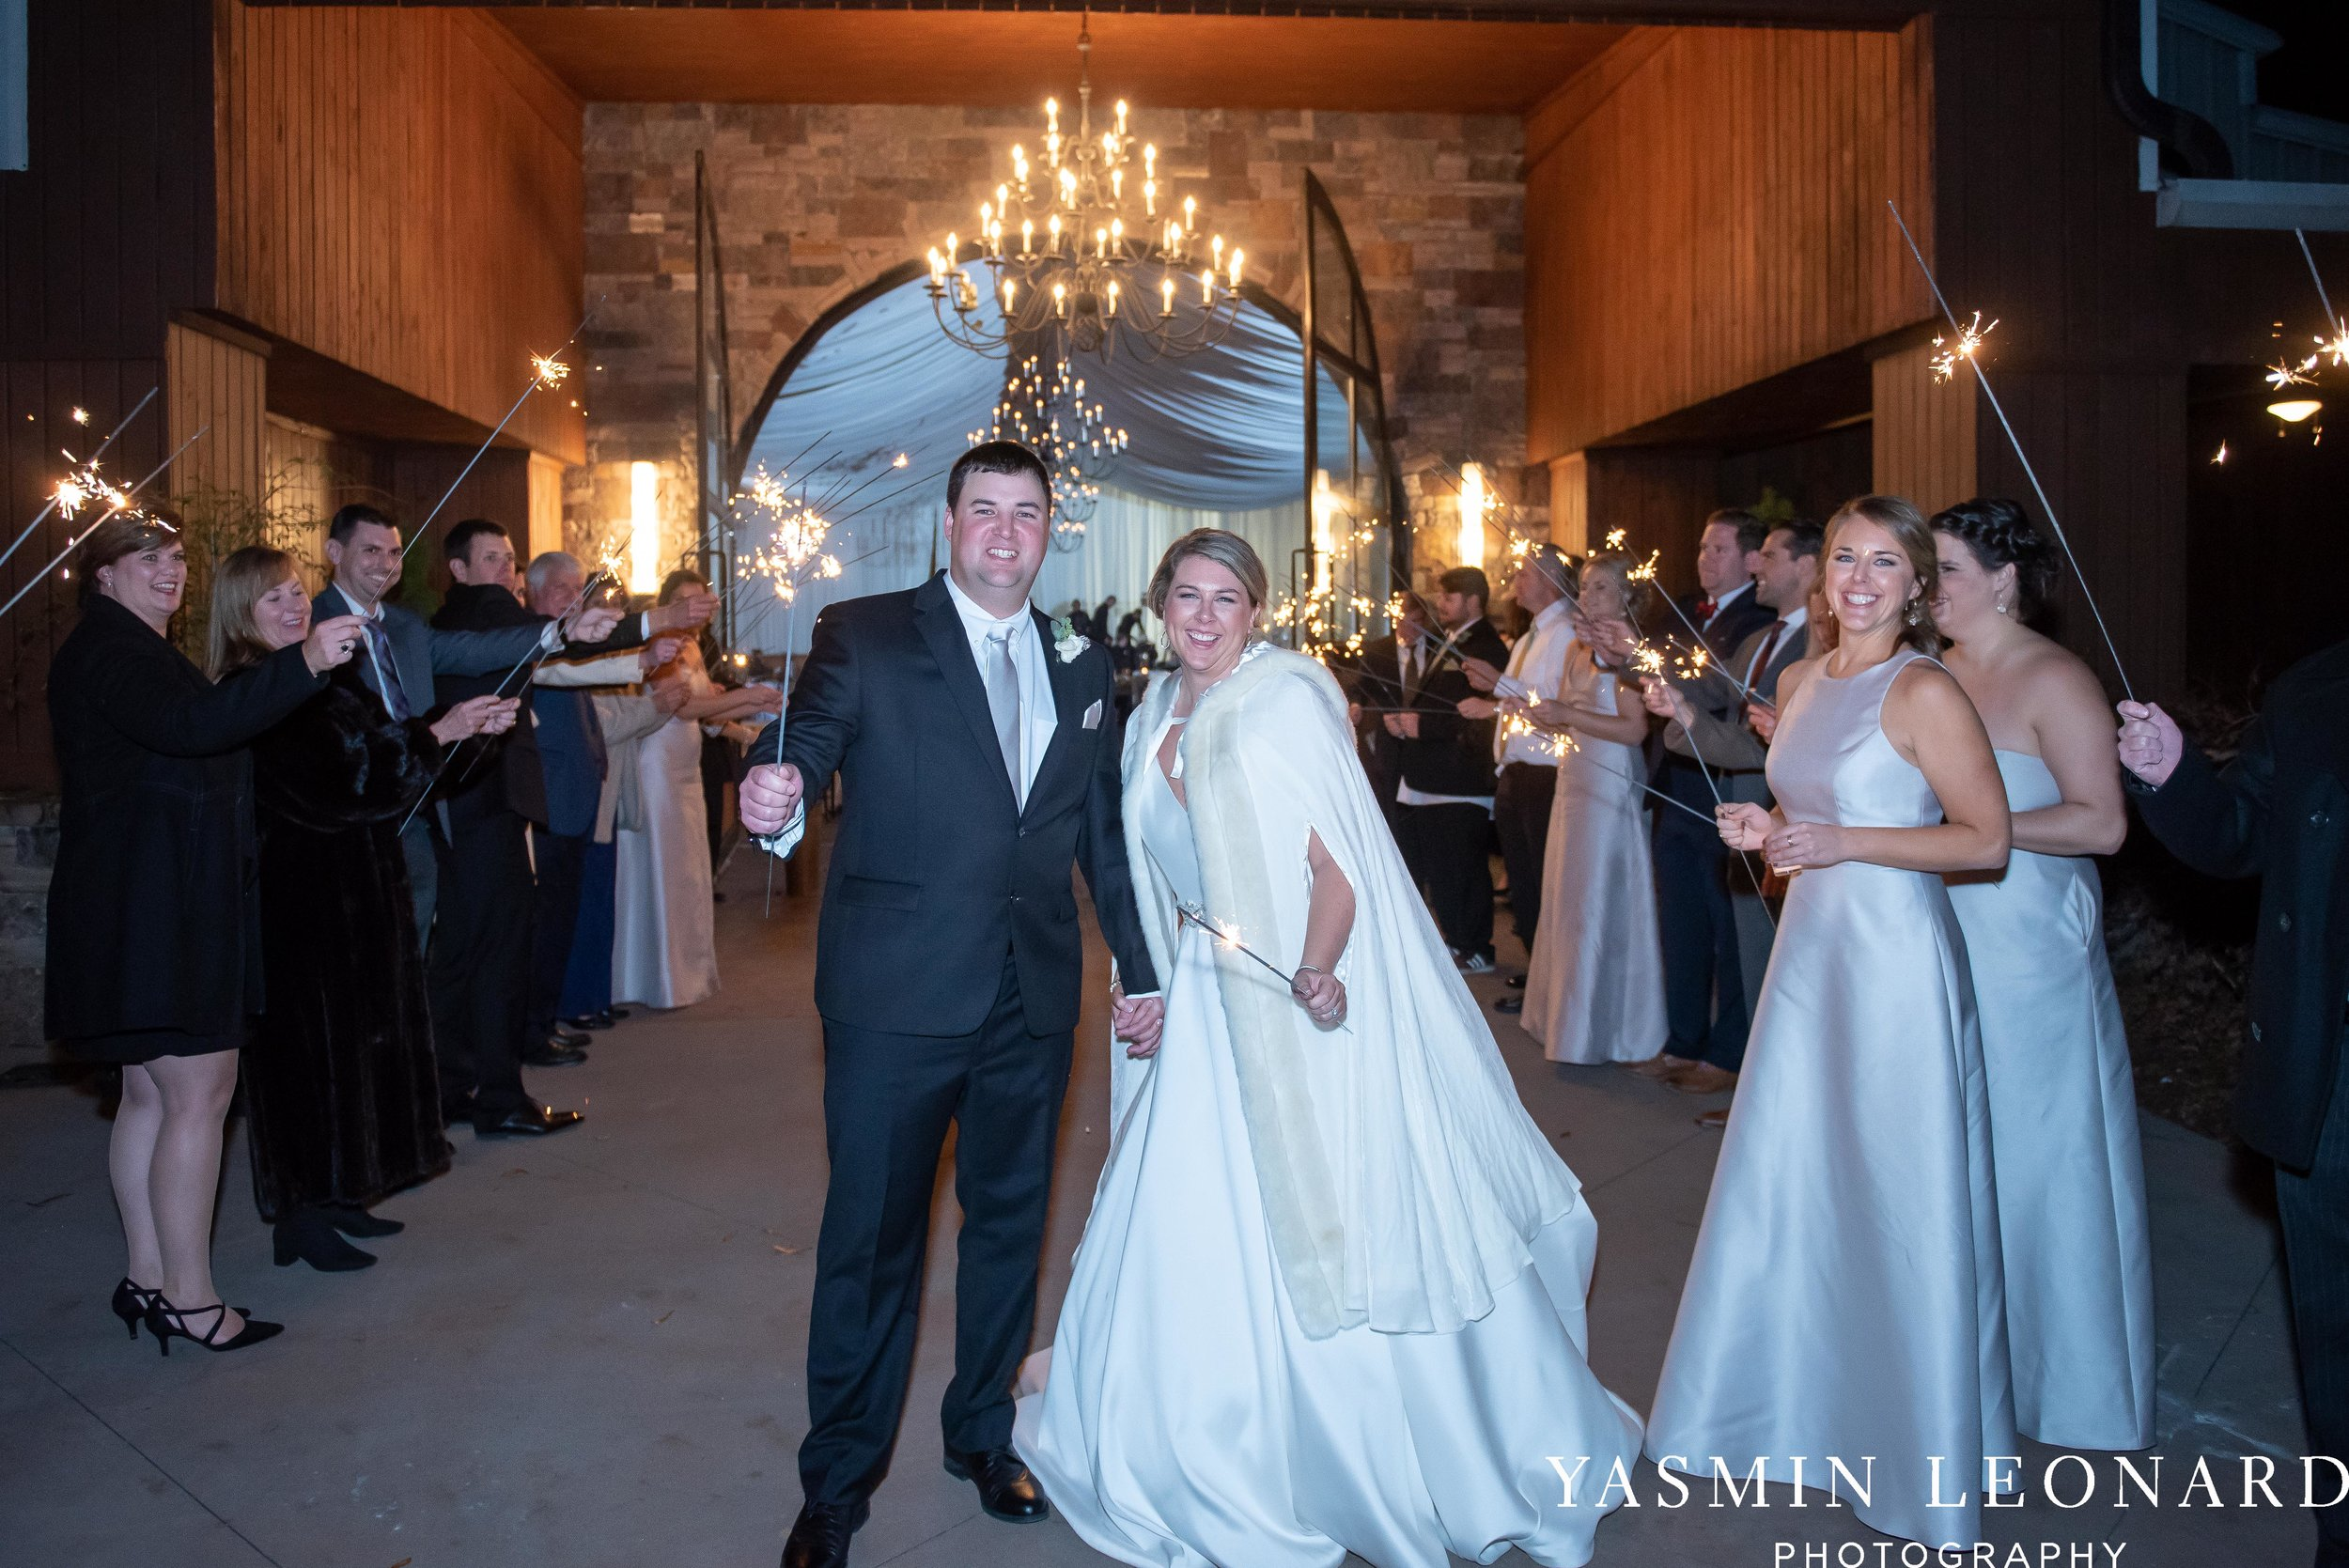 Adaumont Farm - Wesley Memorial Weddings - High Point Weddings - Just Priceless - NC Wedding Photographer - Yasmin Leonard Photography - High Point Wedding Vendors-79.jpg